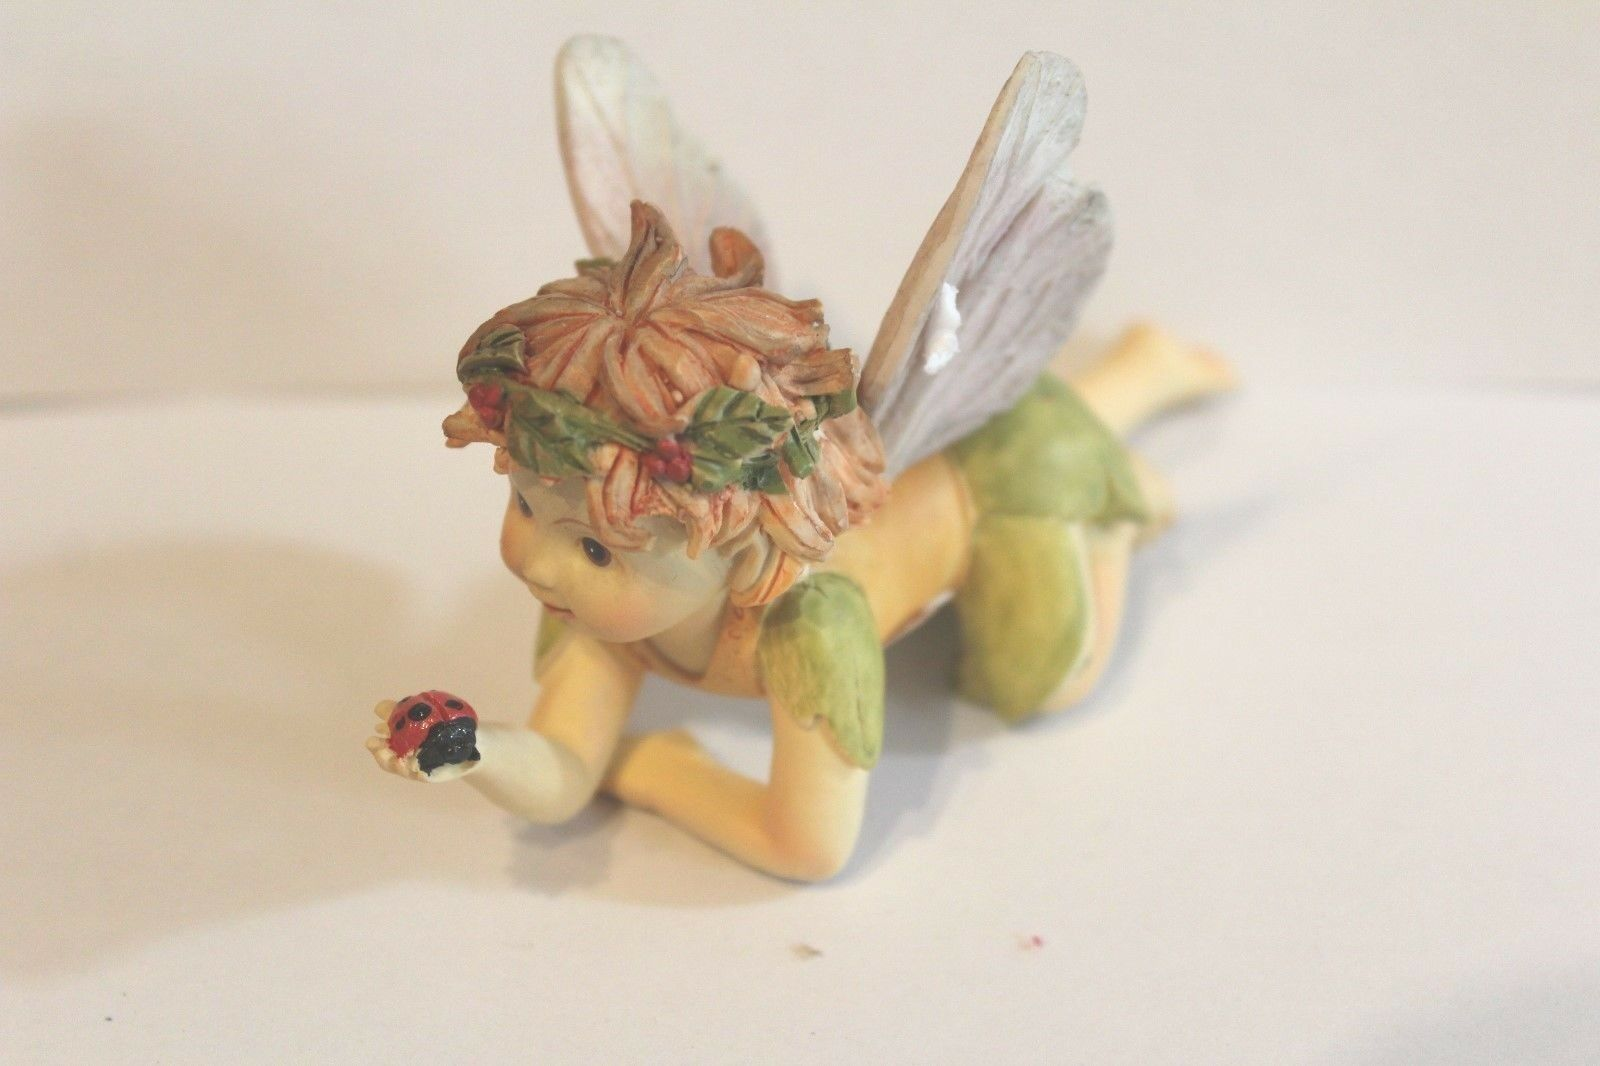 """Deko Figur  """"Baby Ferry hellgrün mit Marienkäfer liegend"""" L:10 cm H: 7cm B. 4 cm"""